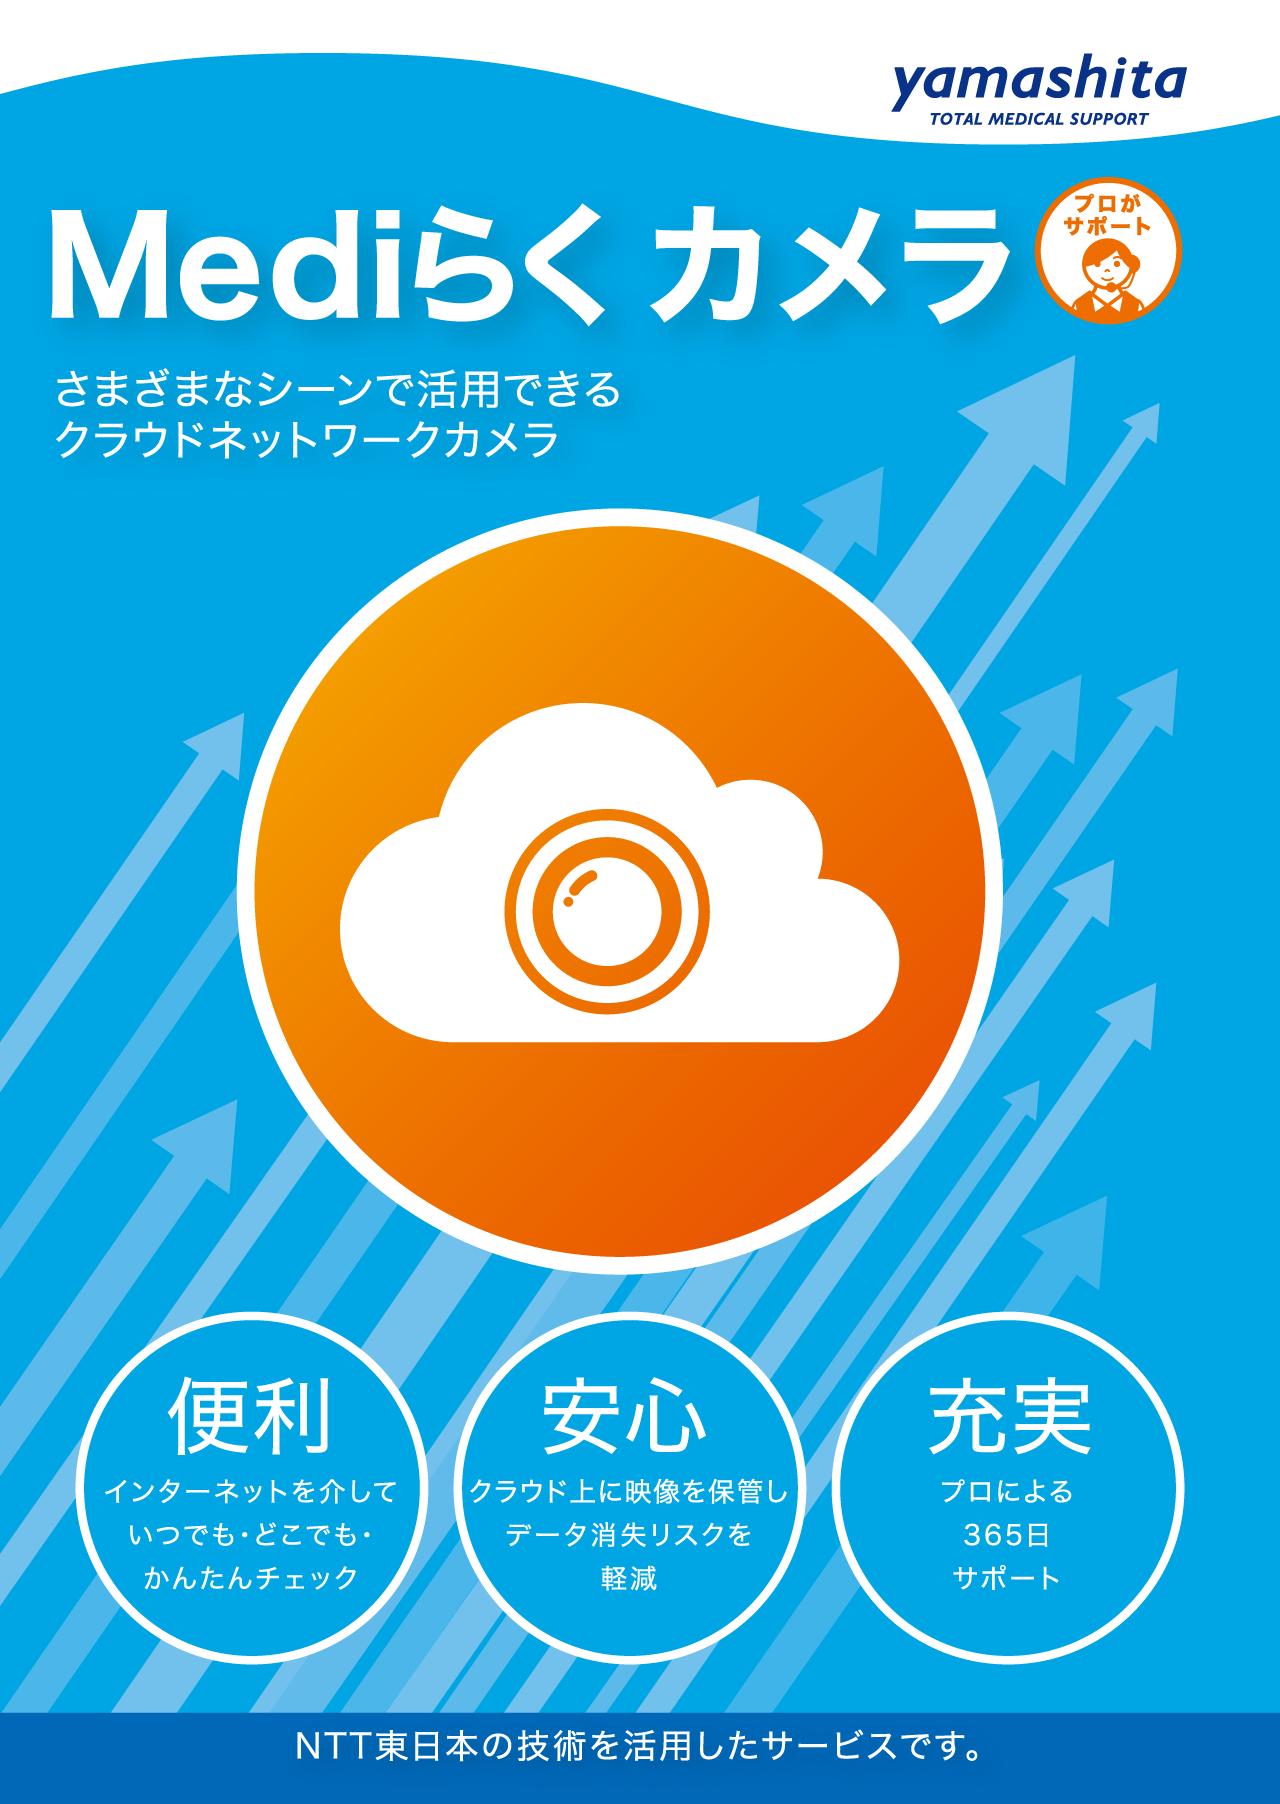 山下医科器械株式会社 【Mediらく カメラ】